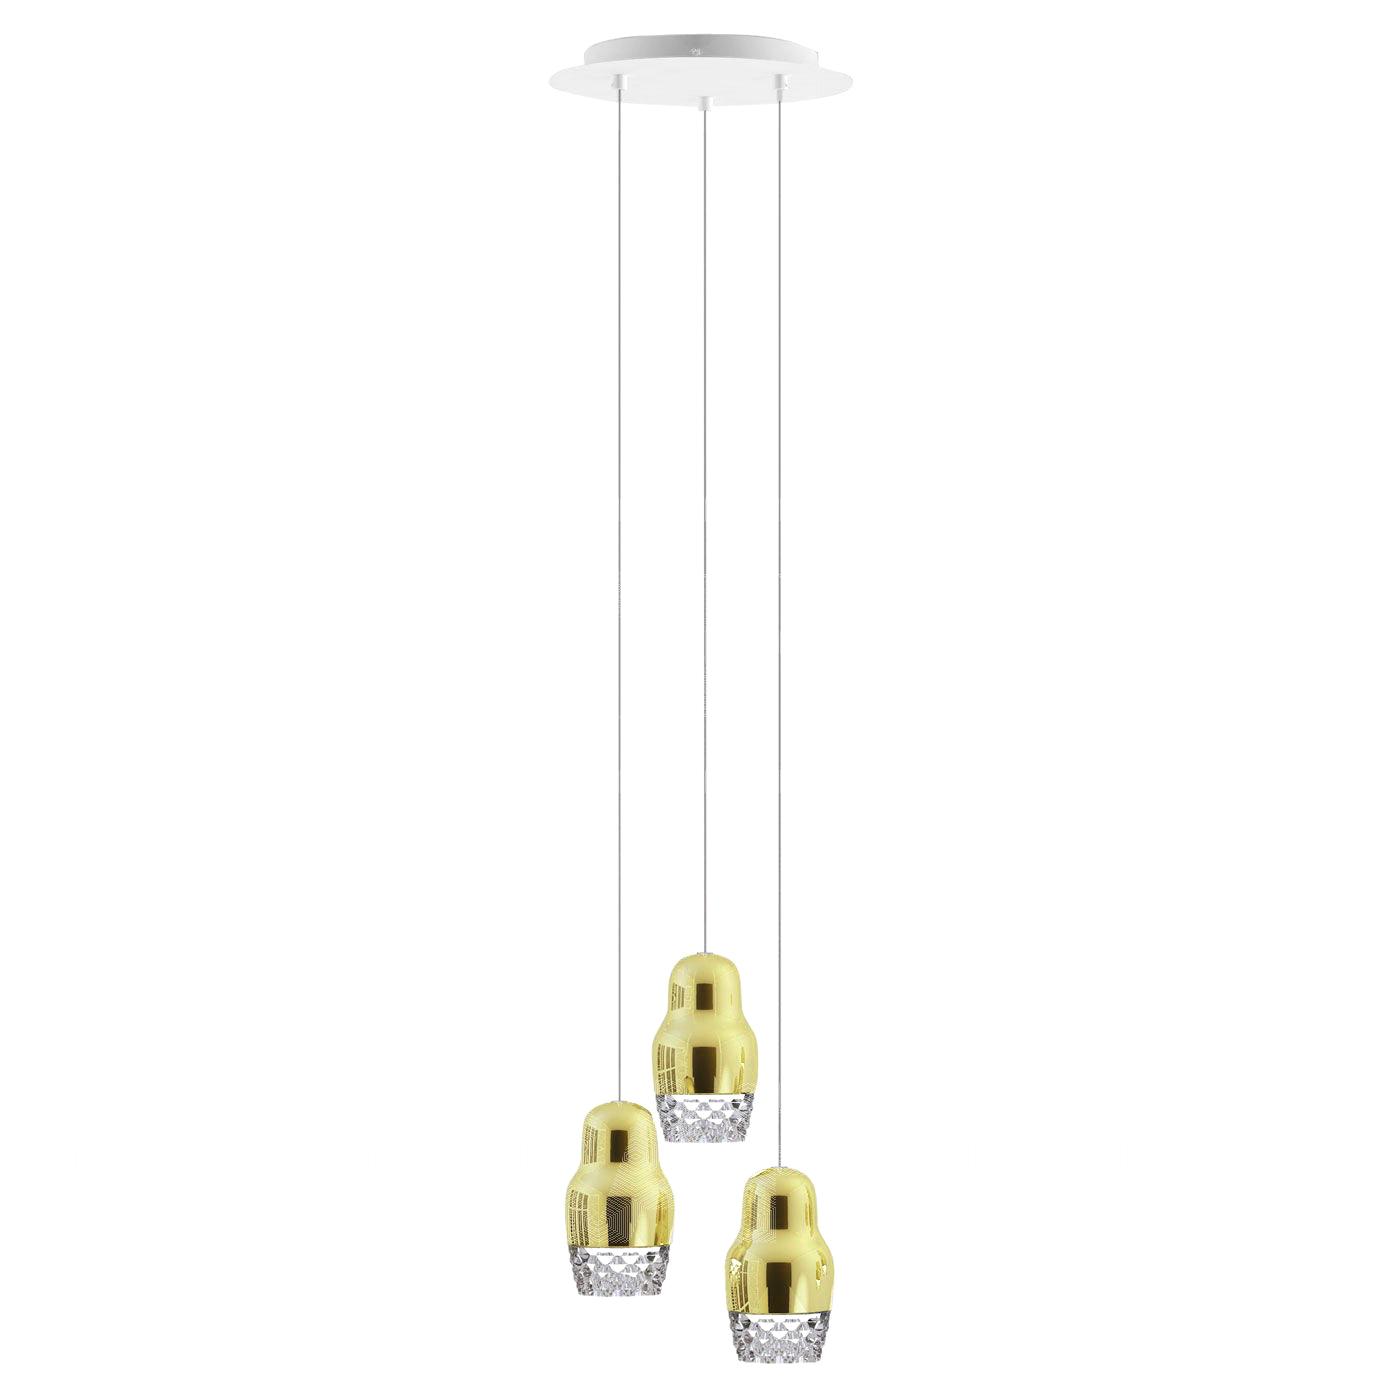 Подвесной светильник копия FEDORA 3 by AXO LIGHT  (золотой)